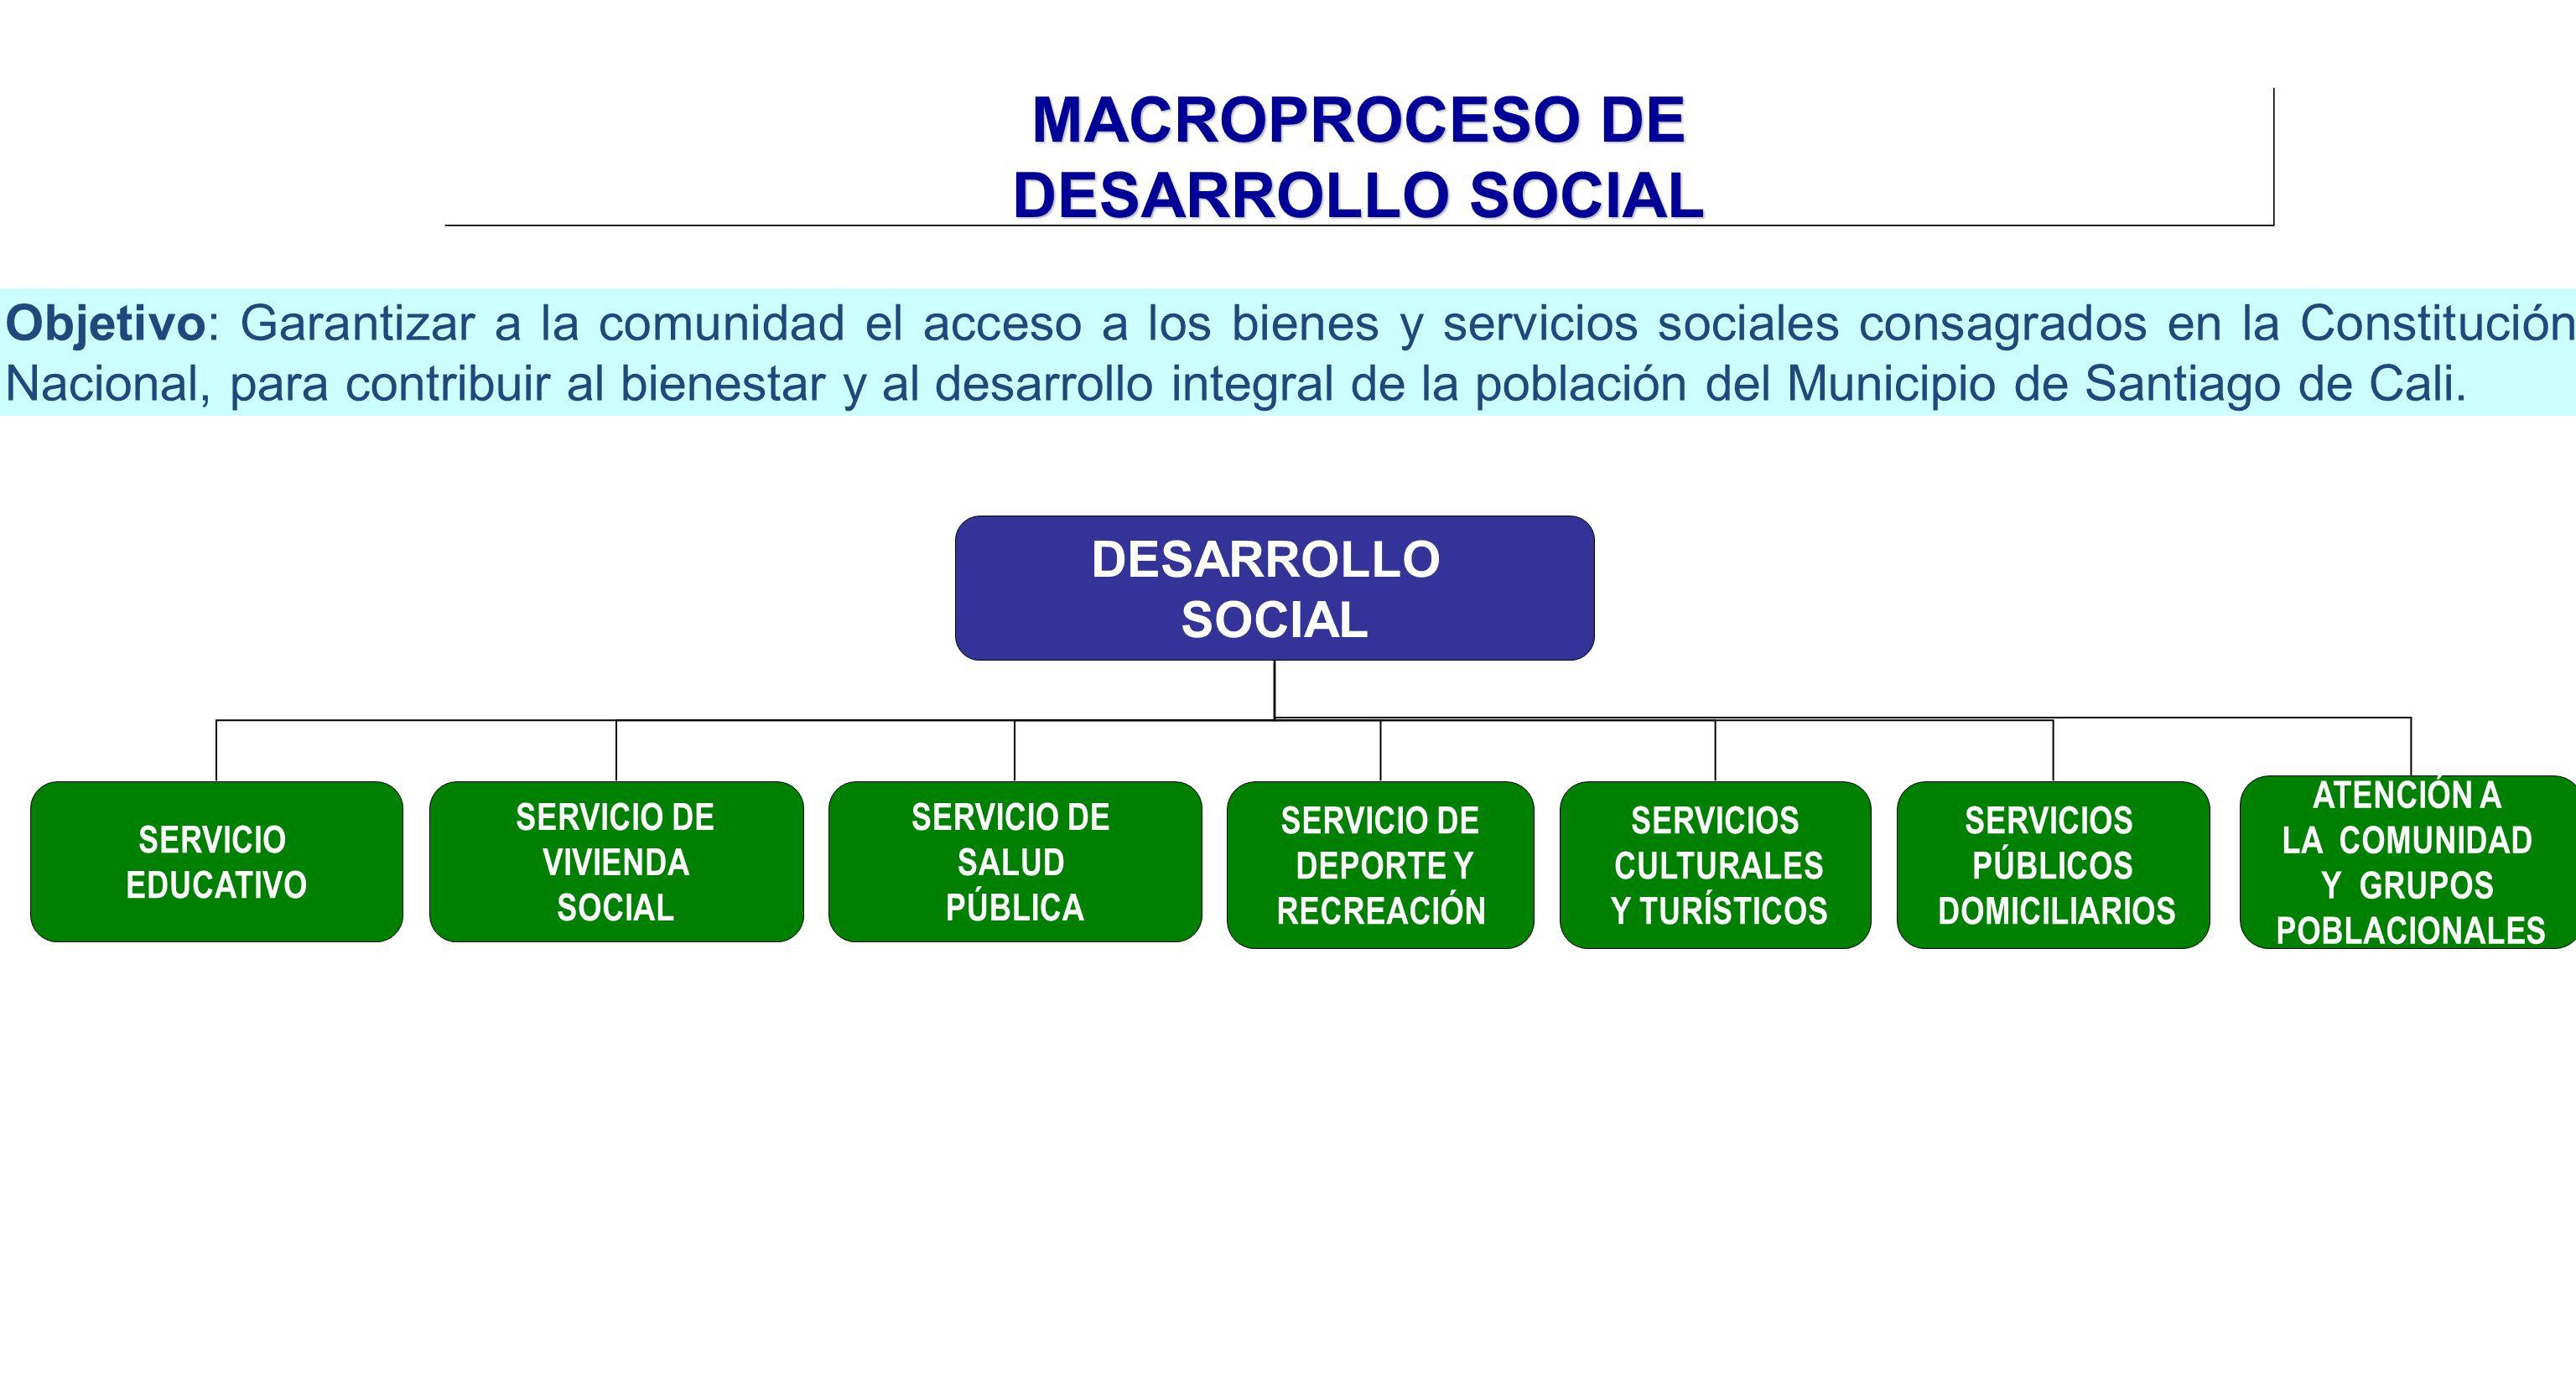 MACROPROCESO DE DESARROLLO SOCIAL DESARROLLO SOCIAL SERVICIO DE VIVIENDA SOCIAL SERVICIO DE SALUD PÚBLICA SERVICIO DE DEPORTE Y RECREACIÓN SERVICIOS C